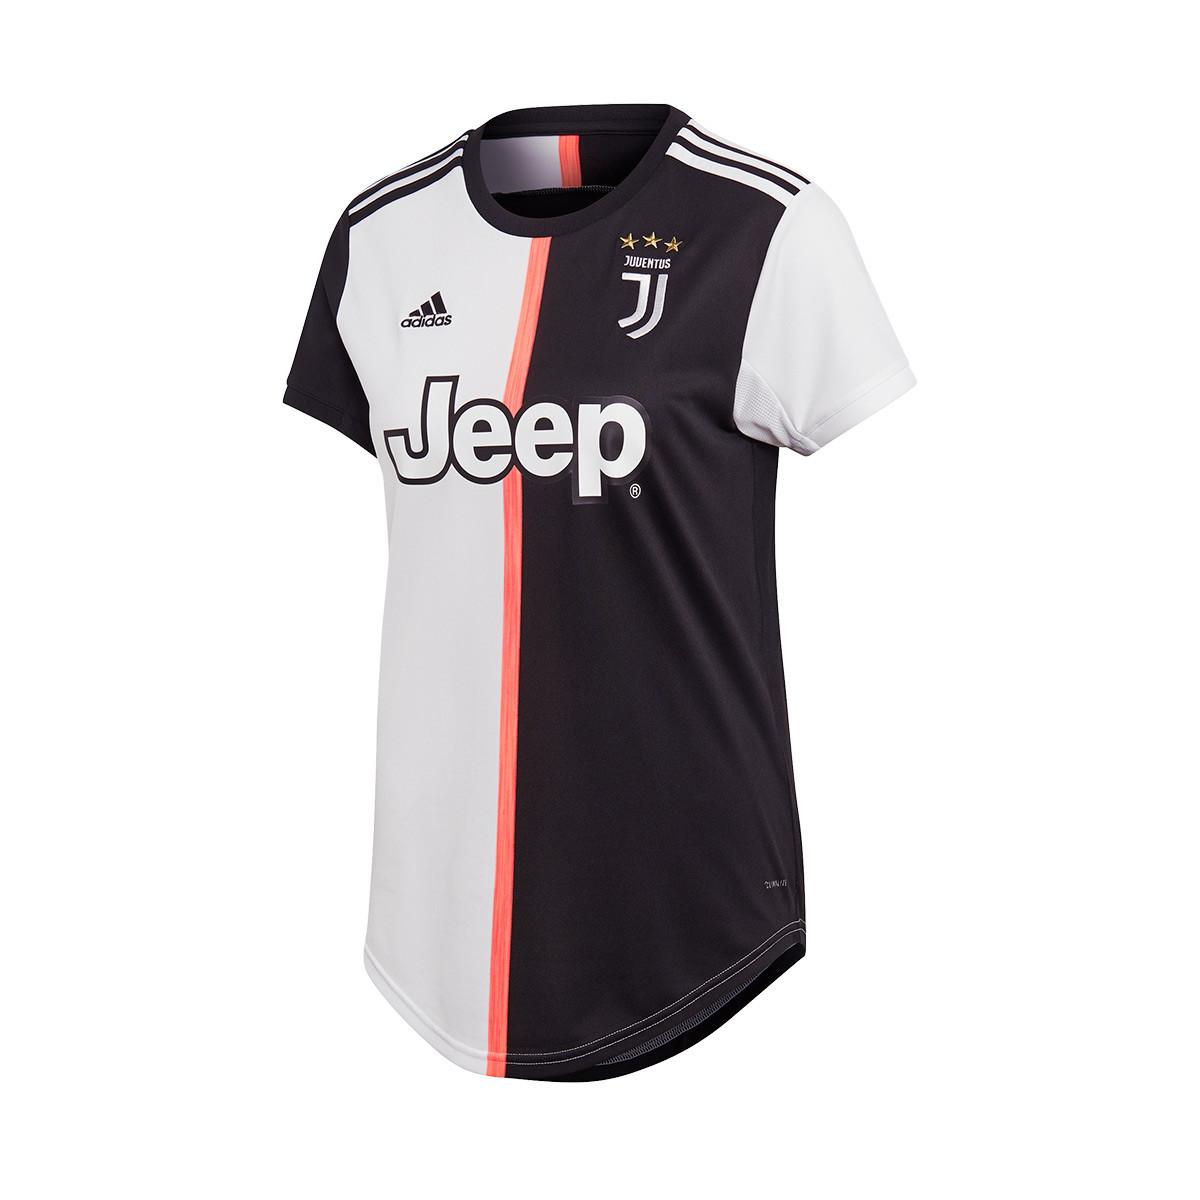 a78a3e0b0 Maglia adidas Juventus prima maglia 2019-2020 Mujer Black-White - Negozio di  calcio Fútbol Emotion